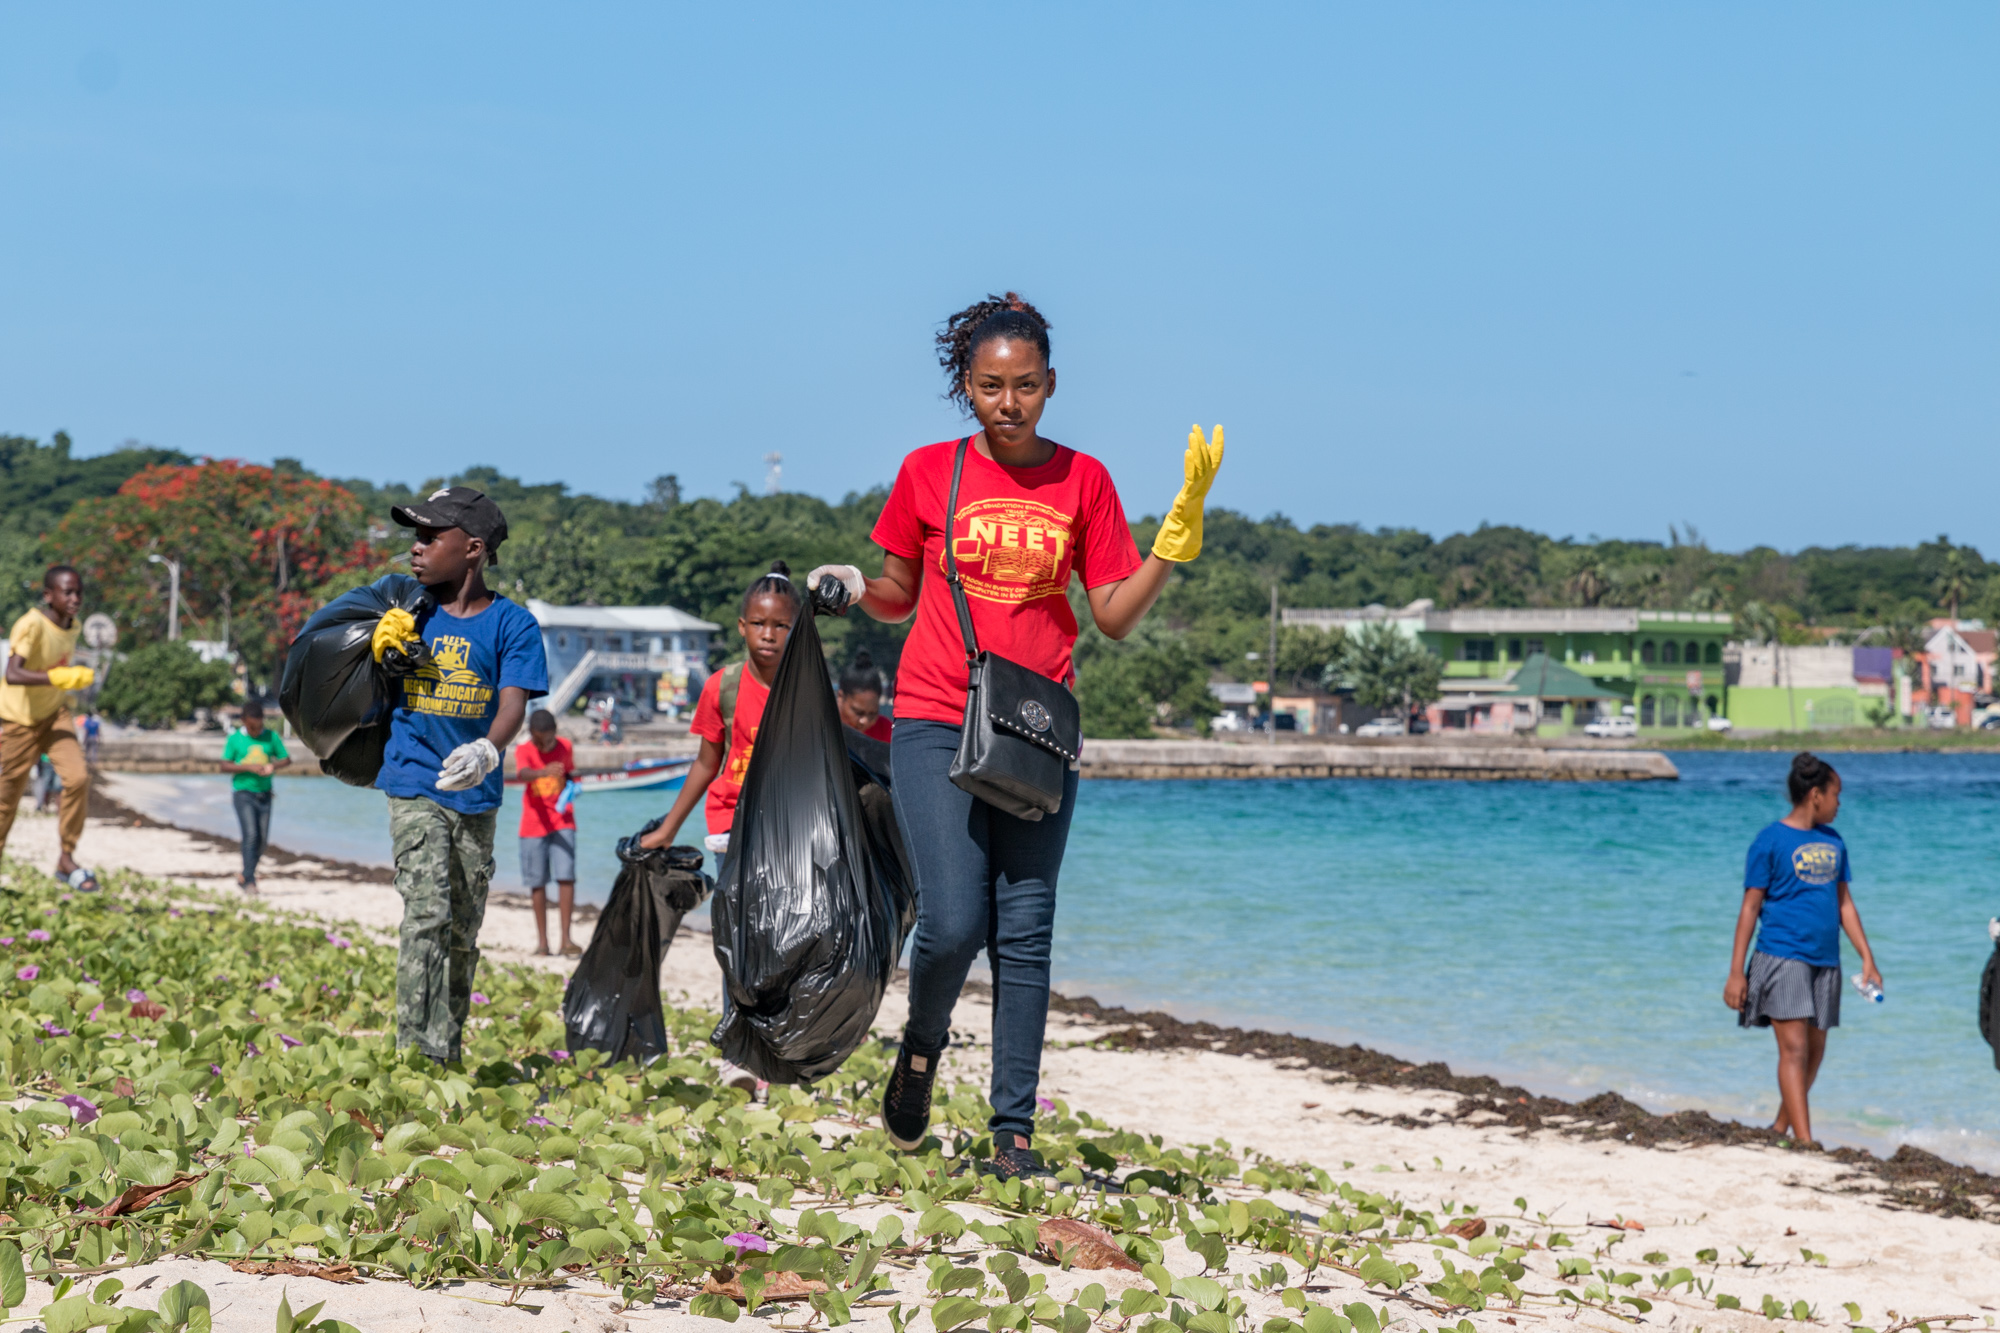 Volunteers with bags of garbage